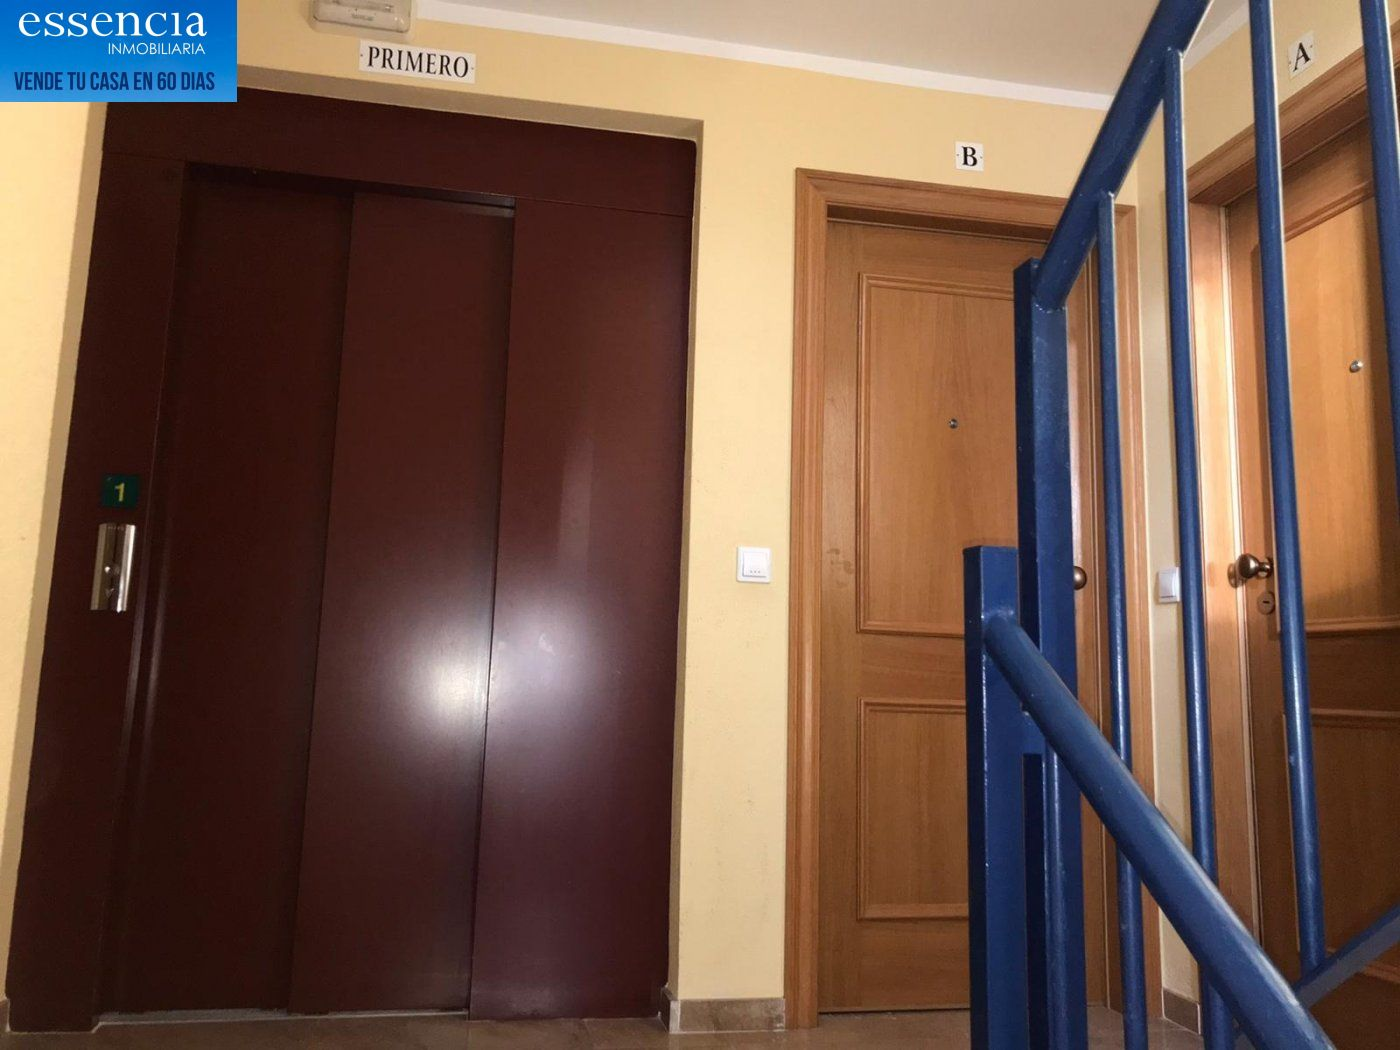 Apartamento de 2 dormitorios y 2 baños con salón con balcón. - imagenInmueble13